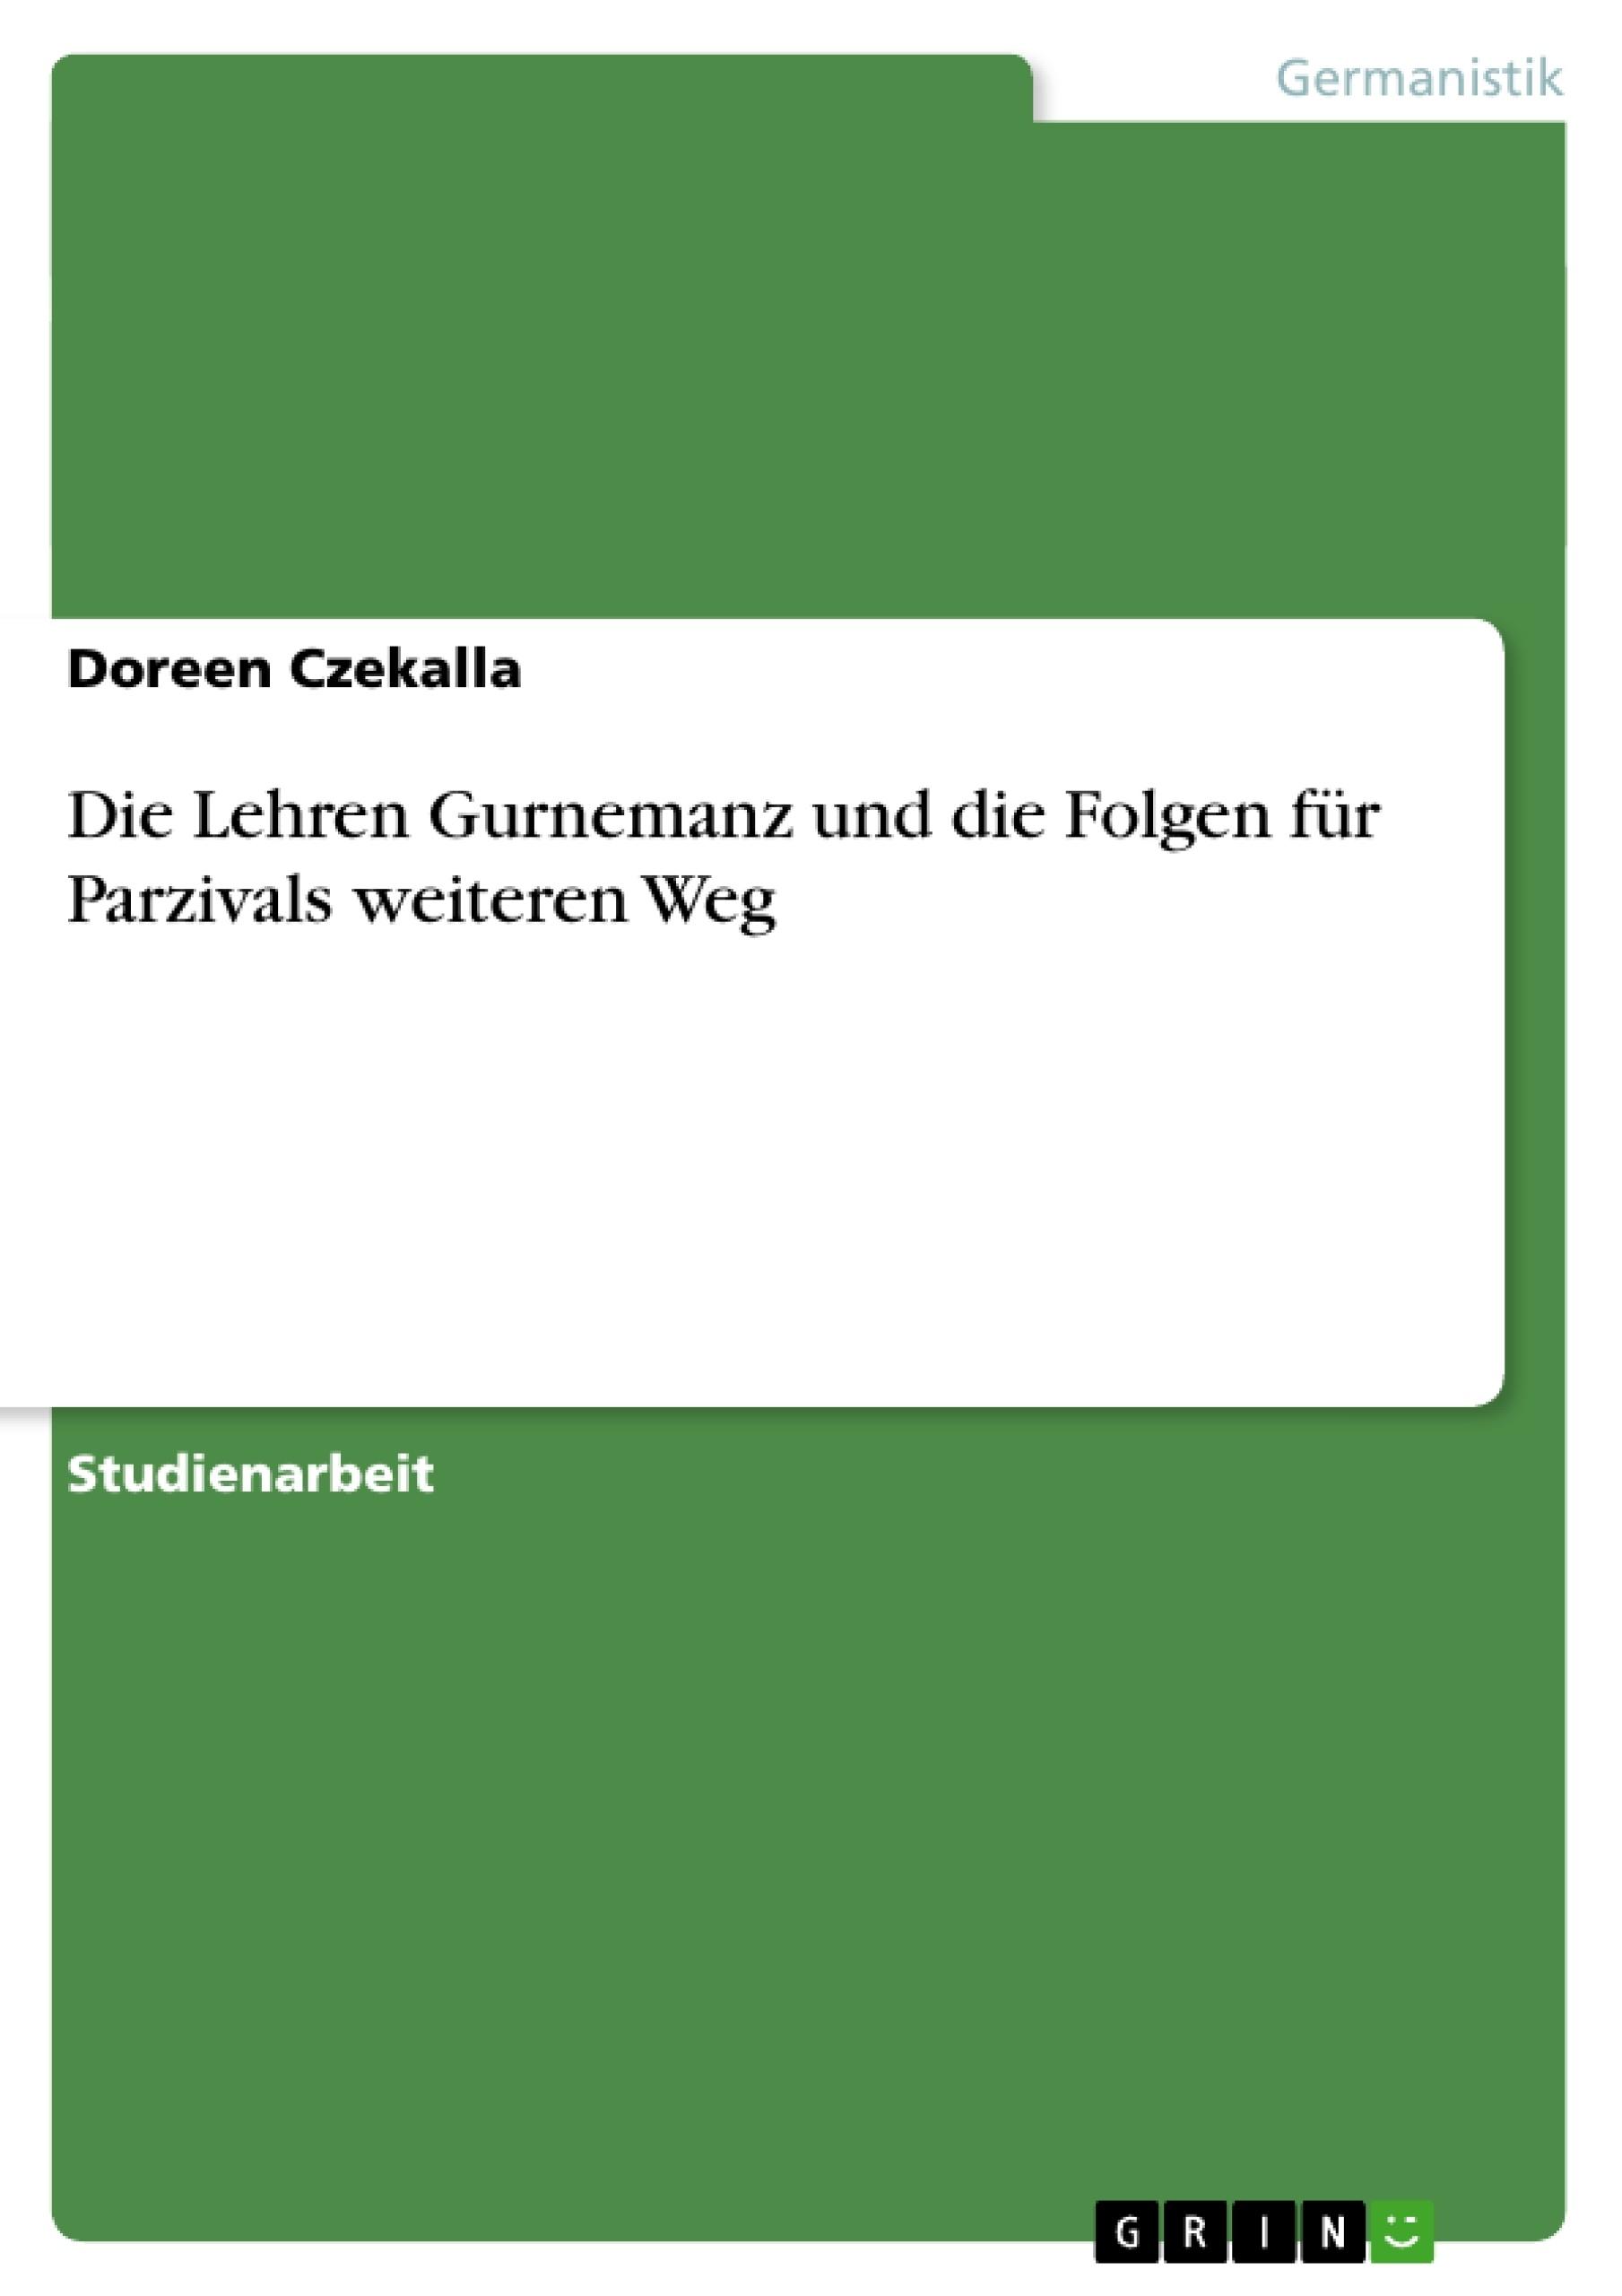 Titel: Die Lehren Gurnemanz und die Folgen für Parzivals weiteren Weg